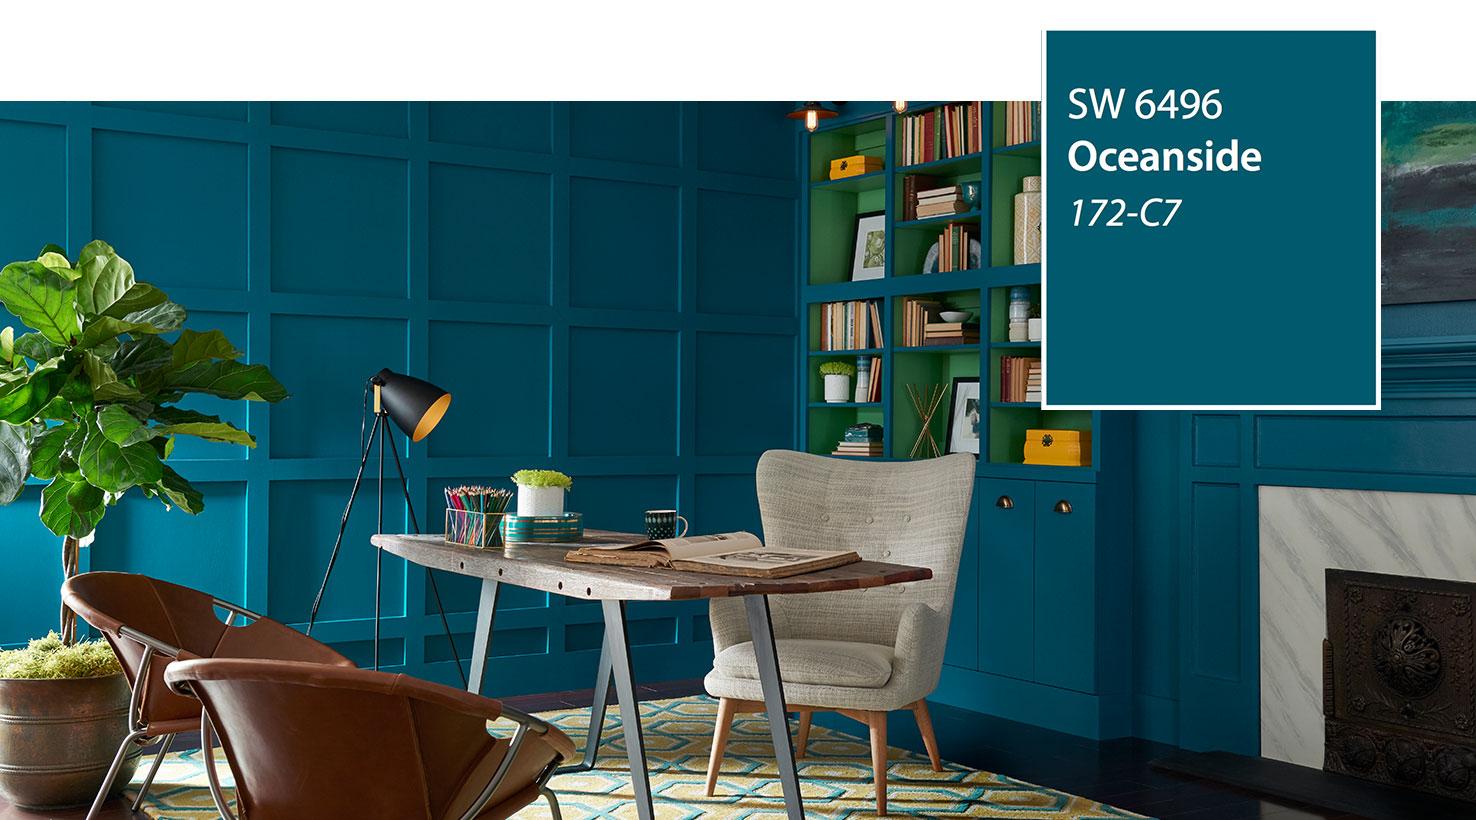 sw-img-coty18-oceanside-2.jpg